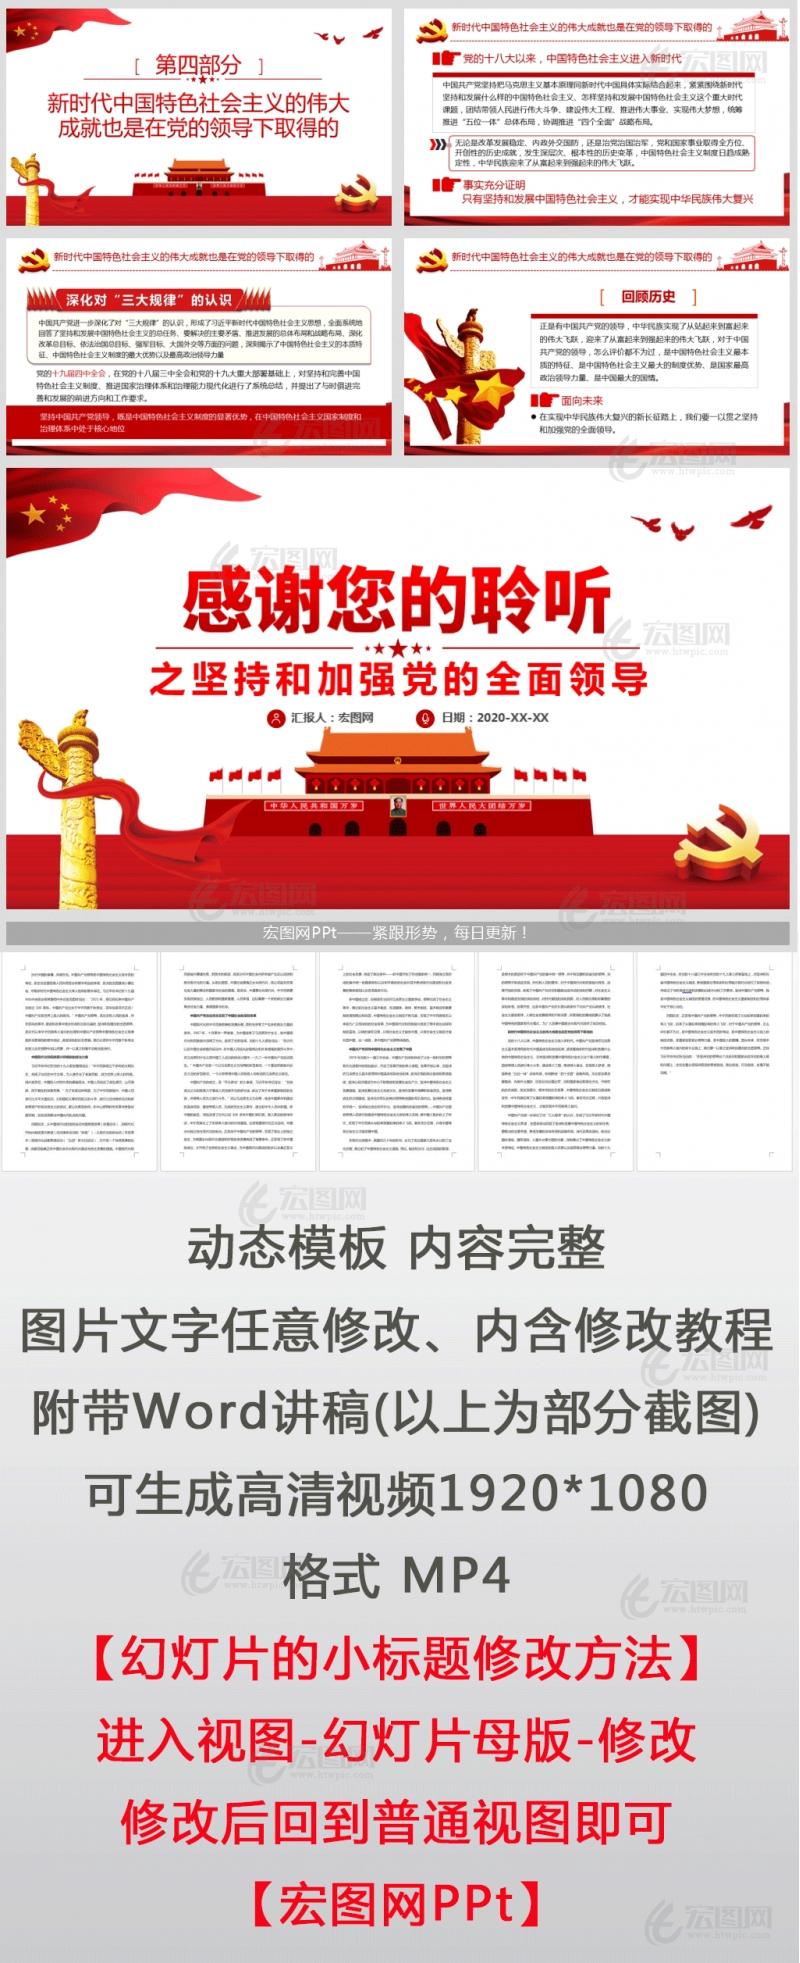 《治国理政》第三卷之坚持和加强党的全面领导微型党课讲稿PPT